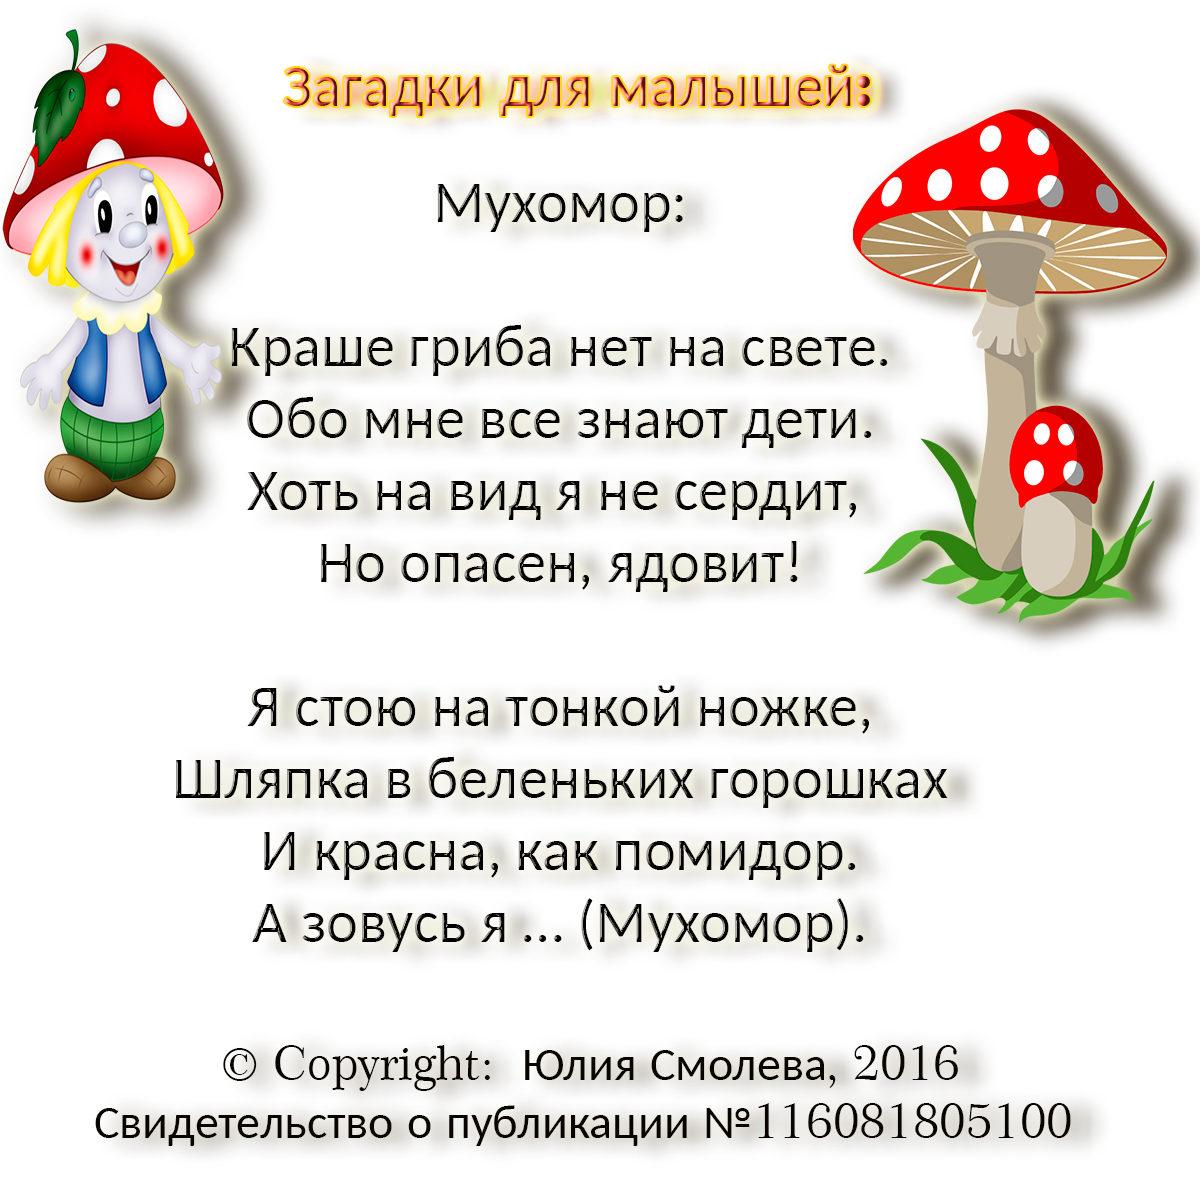 Загадки про грибы для детей с ответами